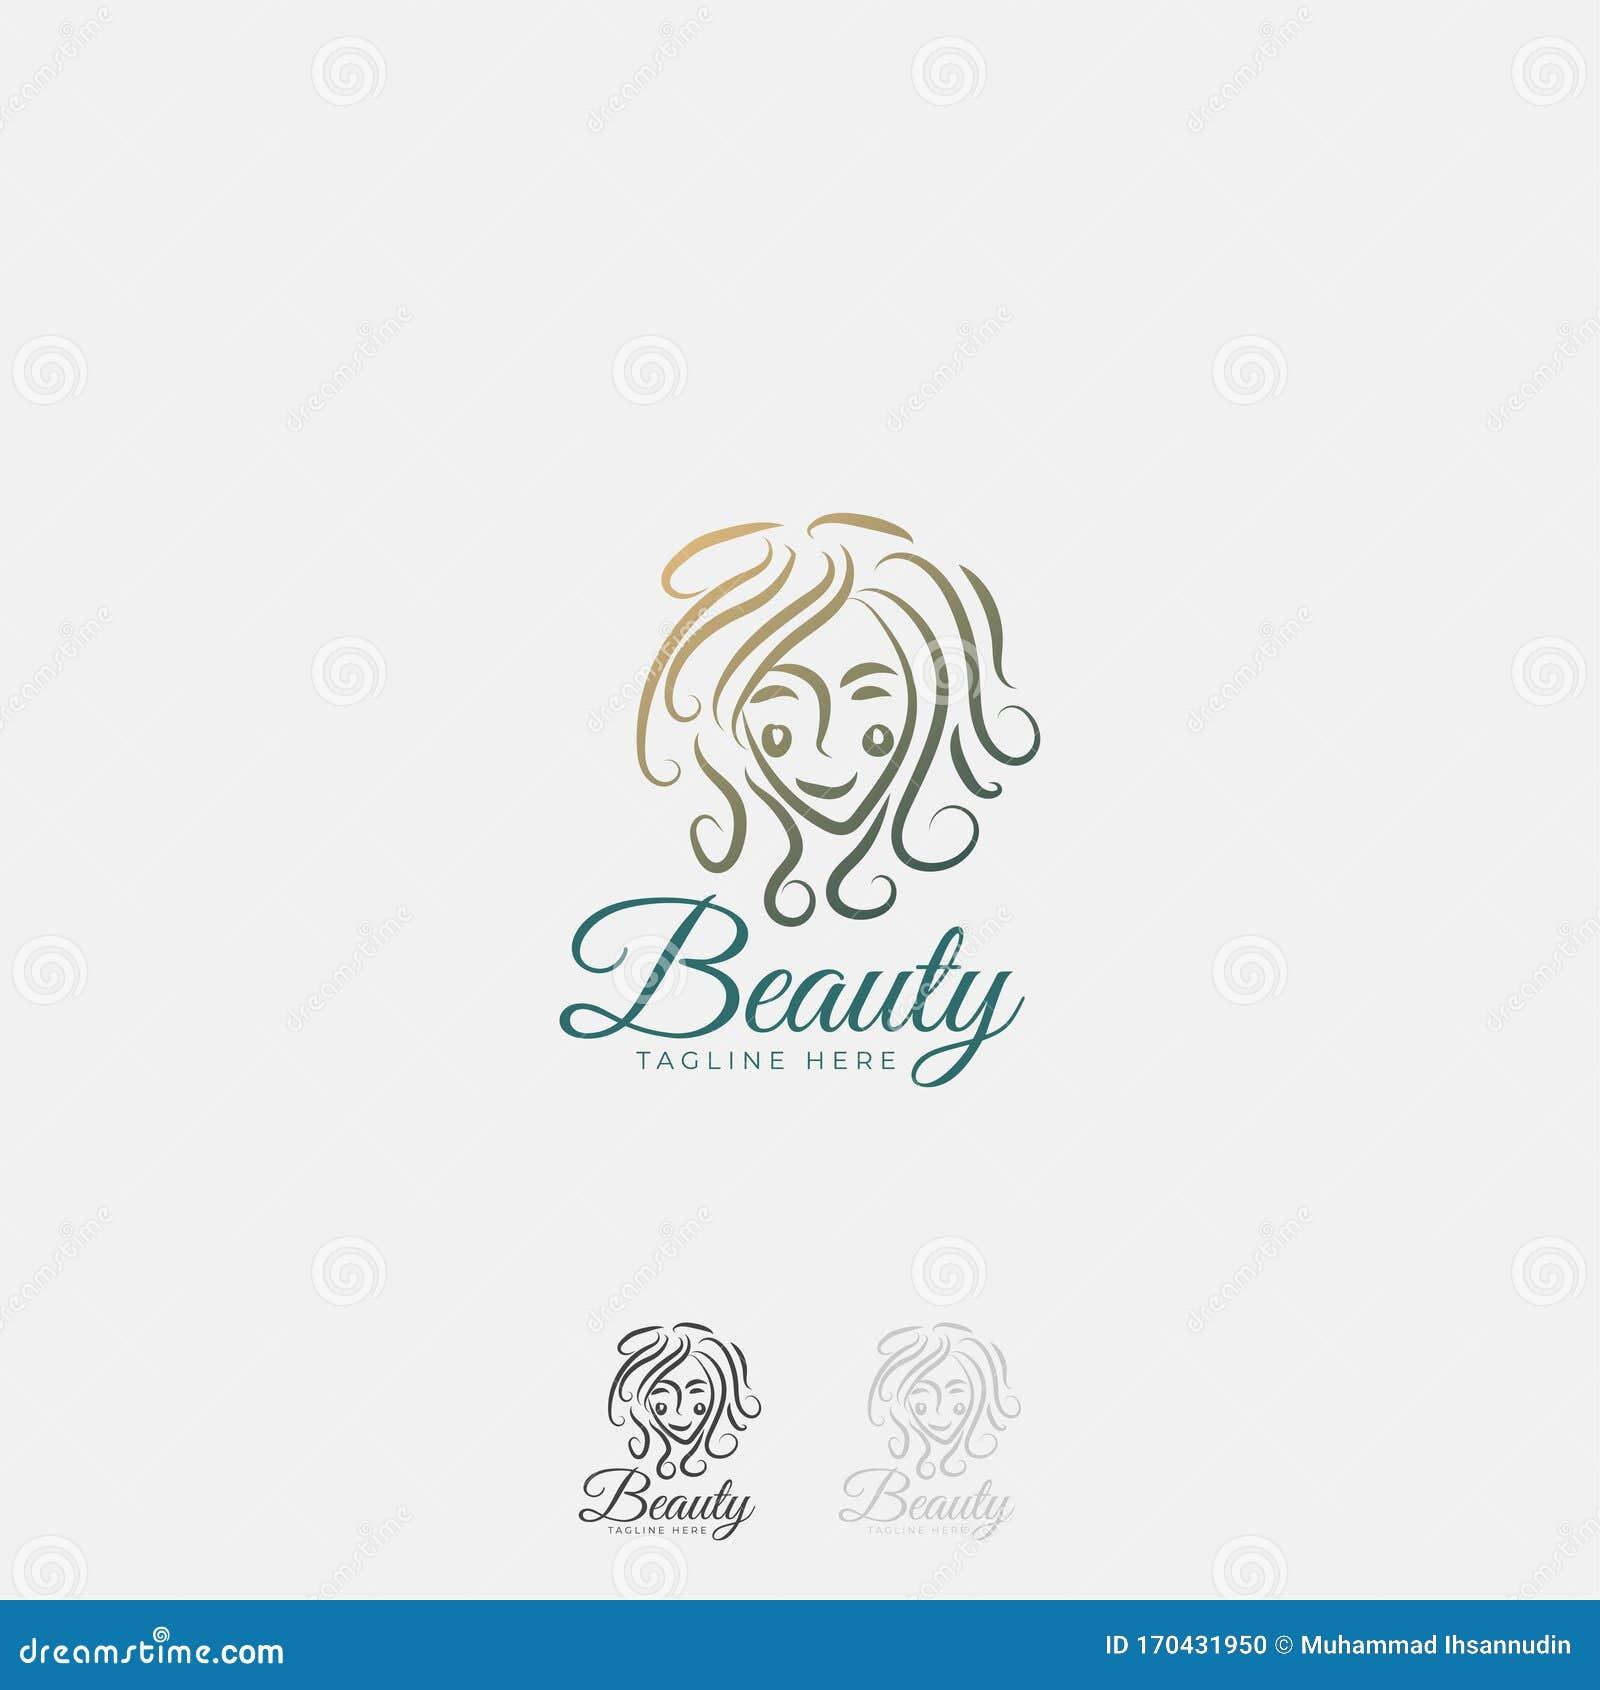 Luxury,simple And Elegant Monochrome Monogram Vector